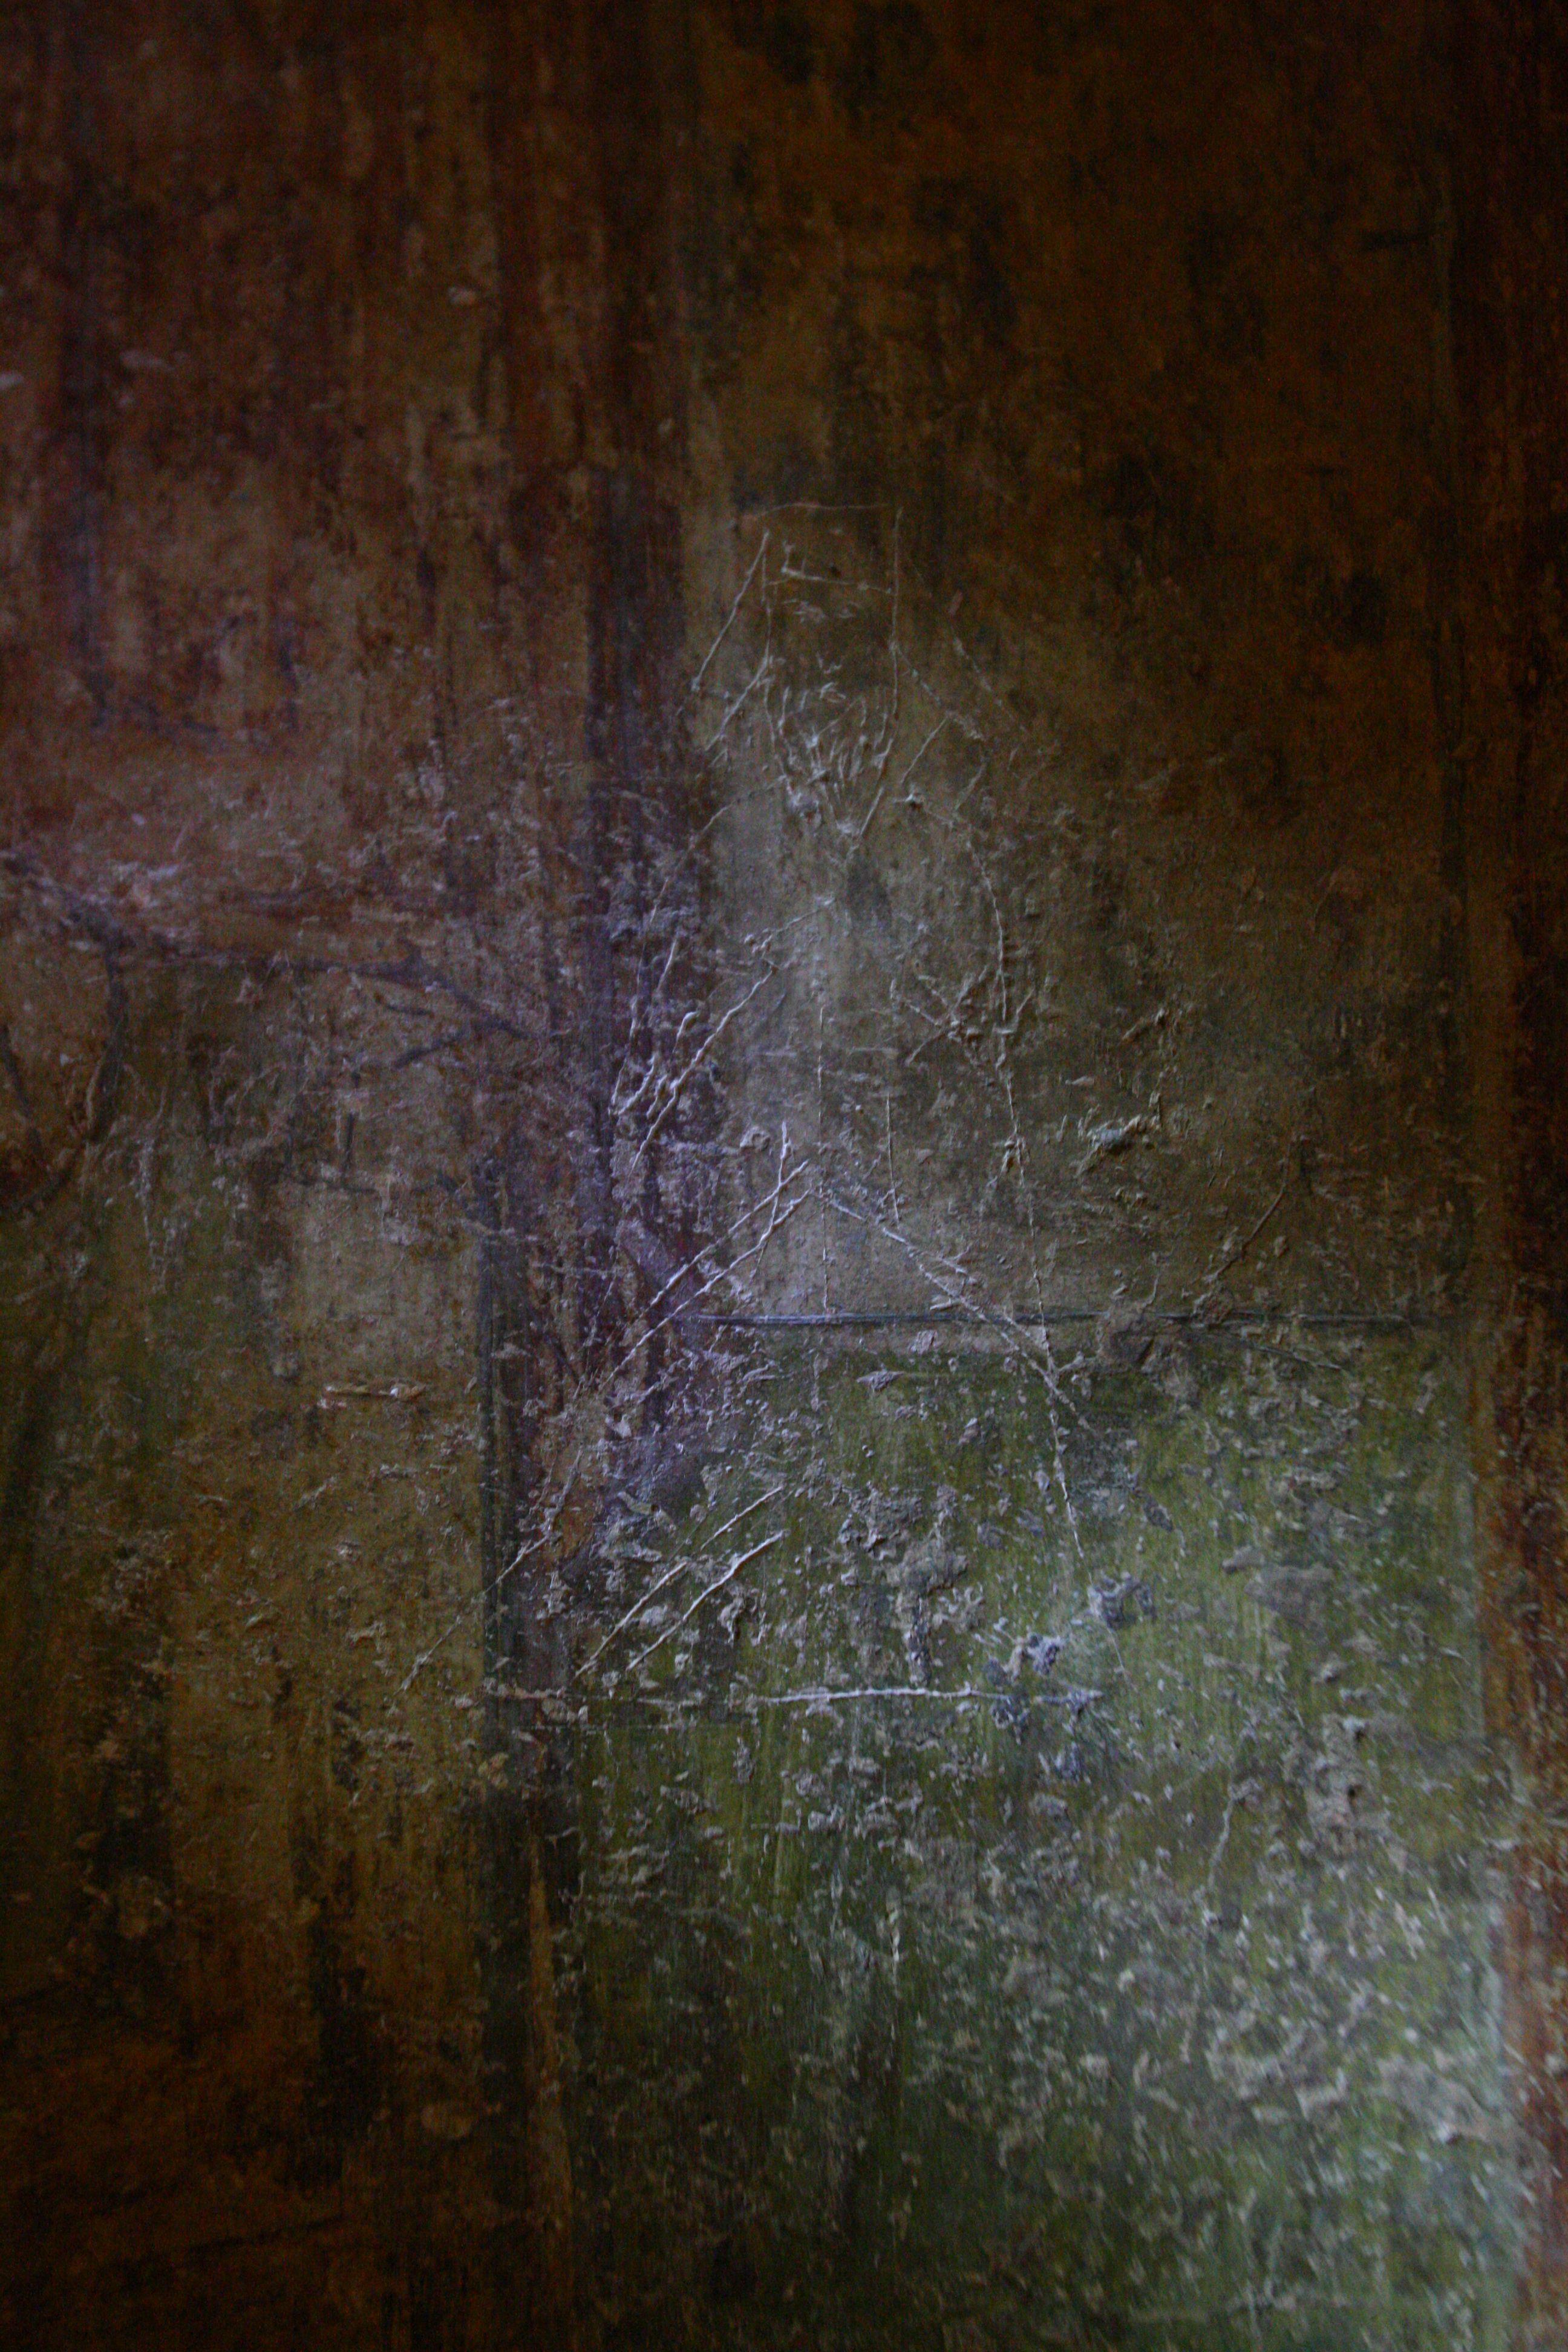 Граффити. Изображение монаха. Фото: А. Бойко